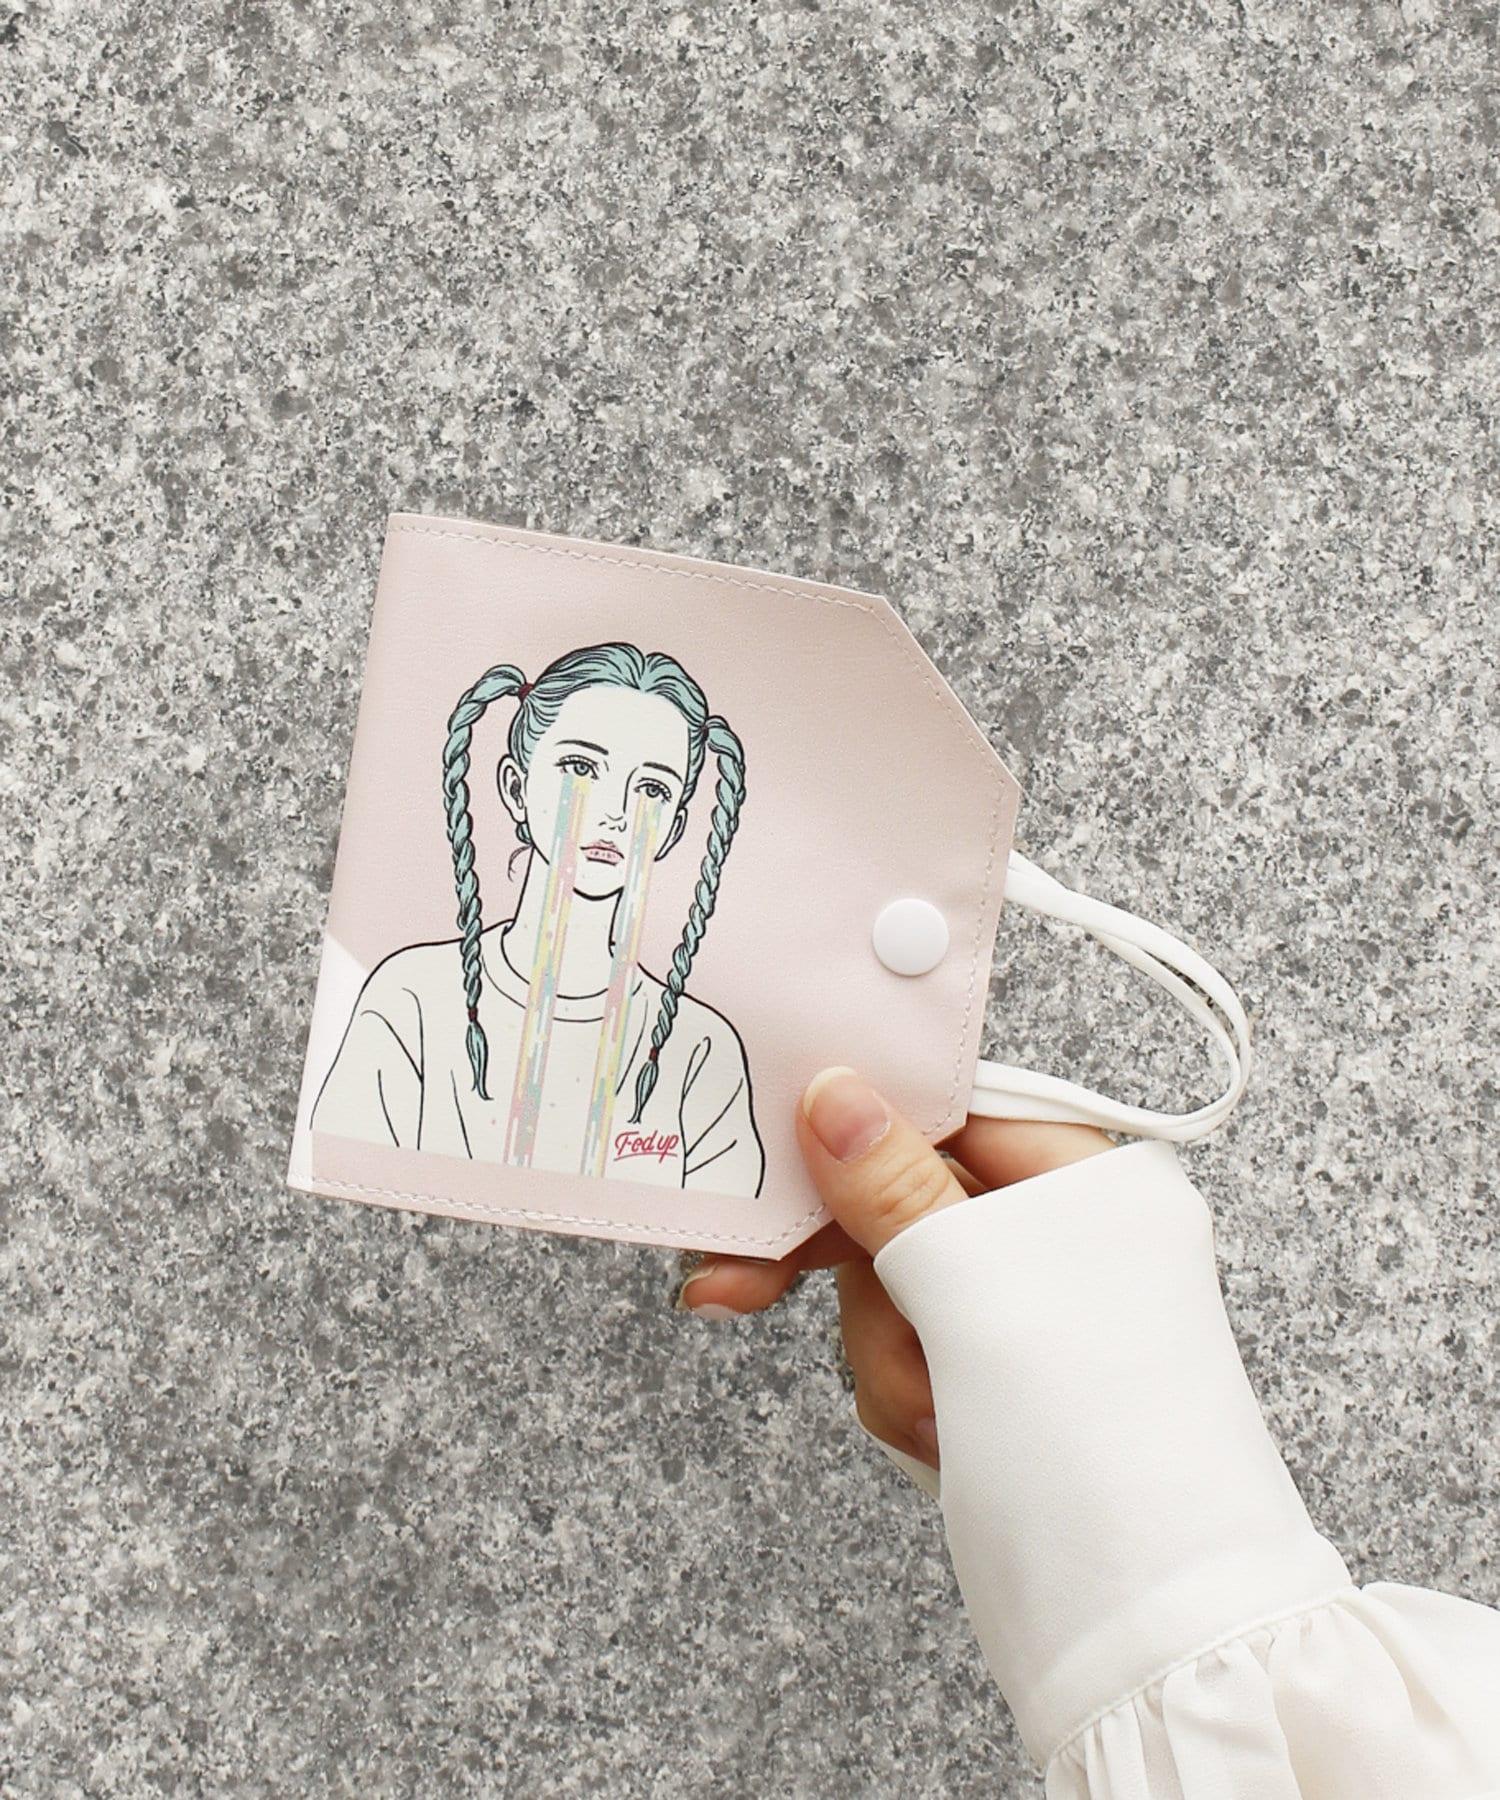 ASOKO(アソコ) ライフスタイル 【ASOKO de ART】マスクケース その他2